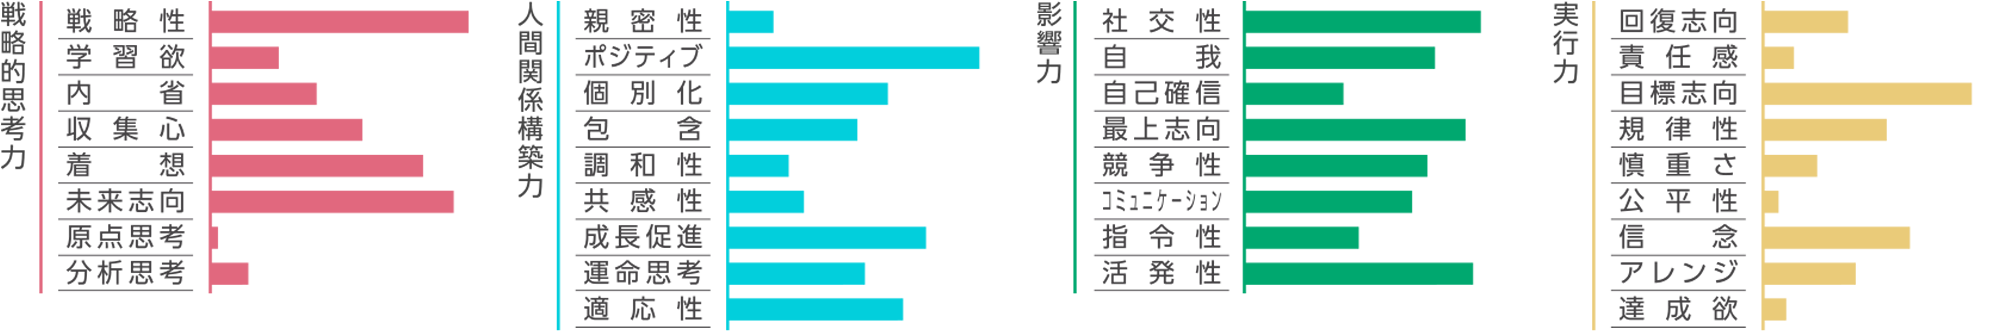 高澤 智也グラフ